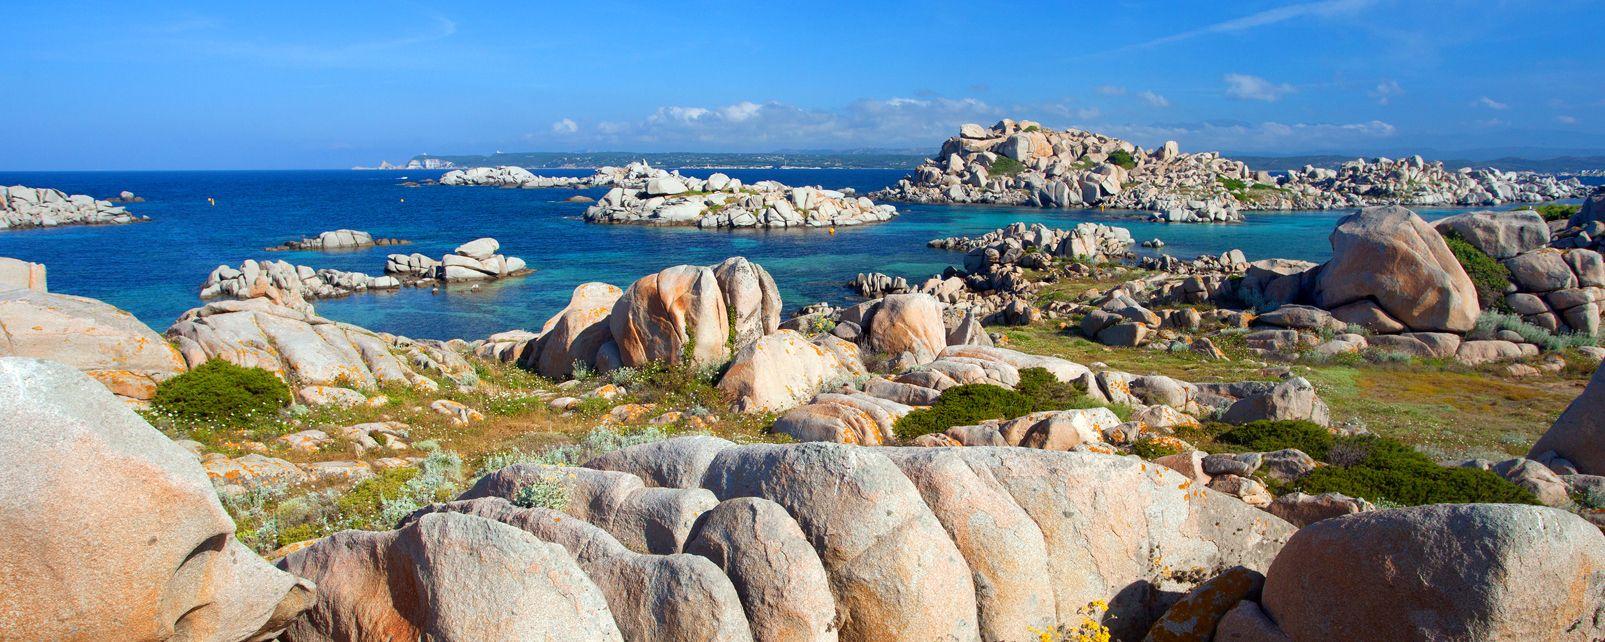 , Les îles Lavezzi, Le rive, Corsica